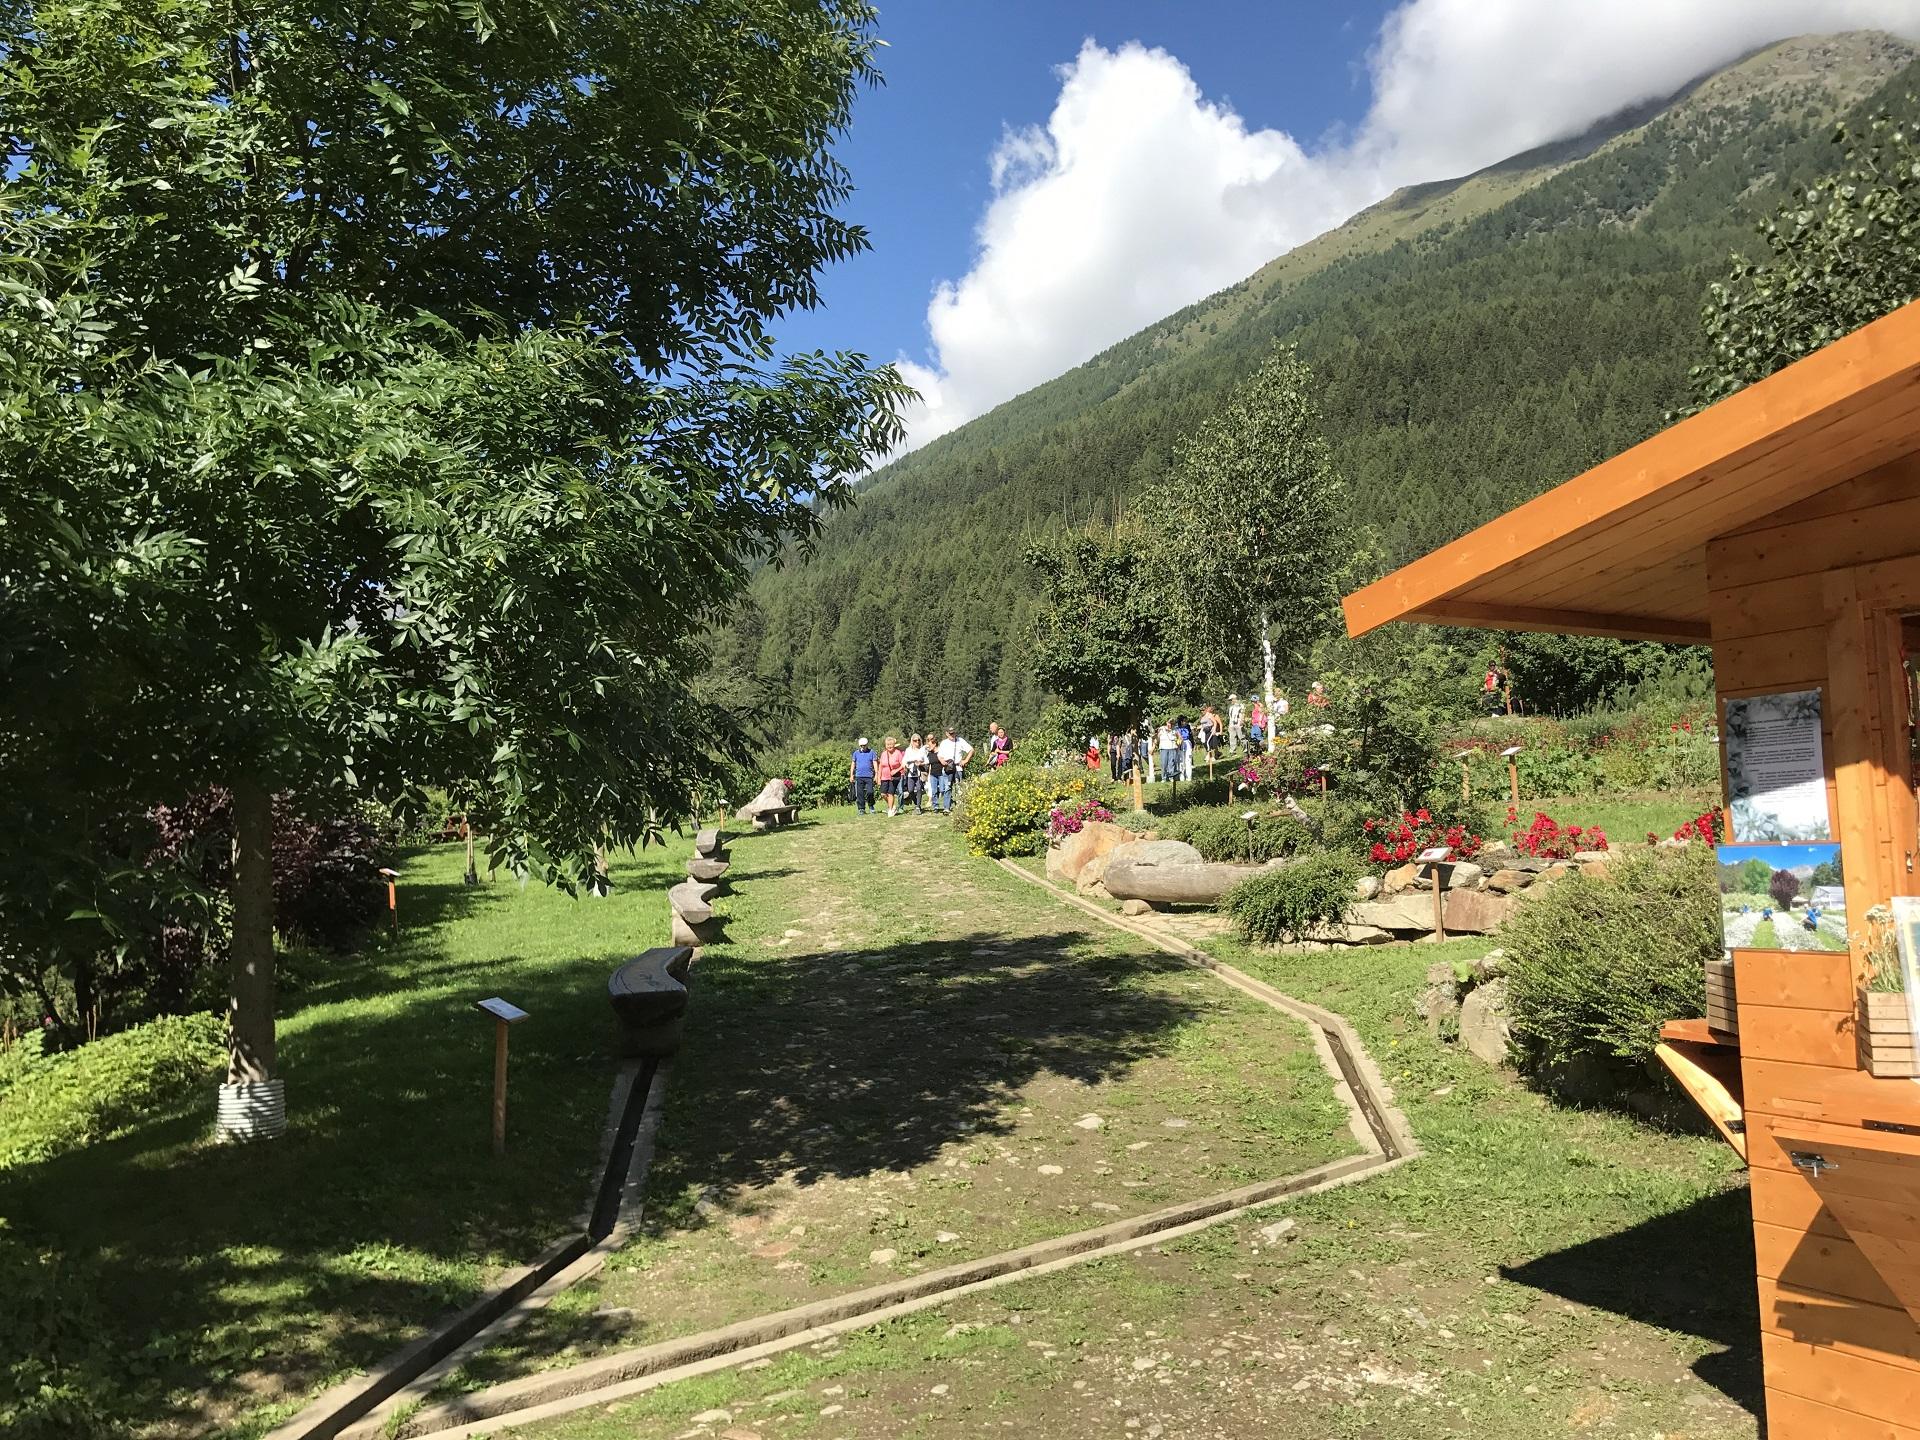 Calendula Piante Officinali coltivazione Peio Valdisole Trentino - Olga Casanova